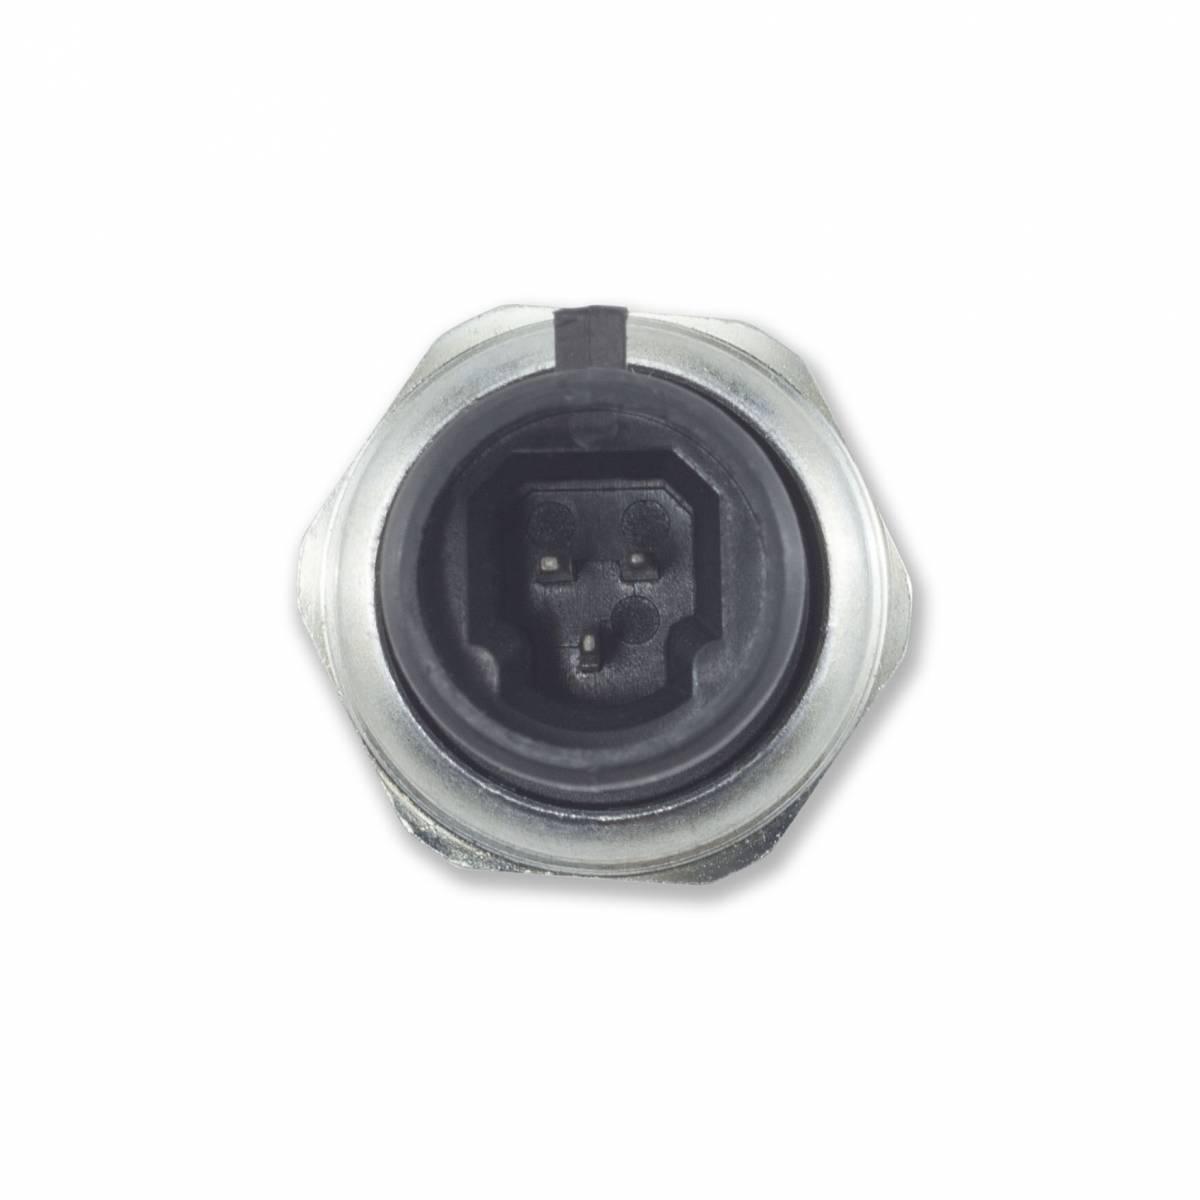 Alliant Power Ap0022 Engine Oil Pressure Eop Switch: Alliant Power AP63474 Engine Oil Pressure (EOP) Sensor